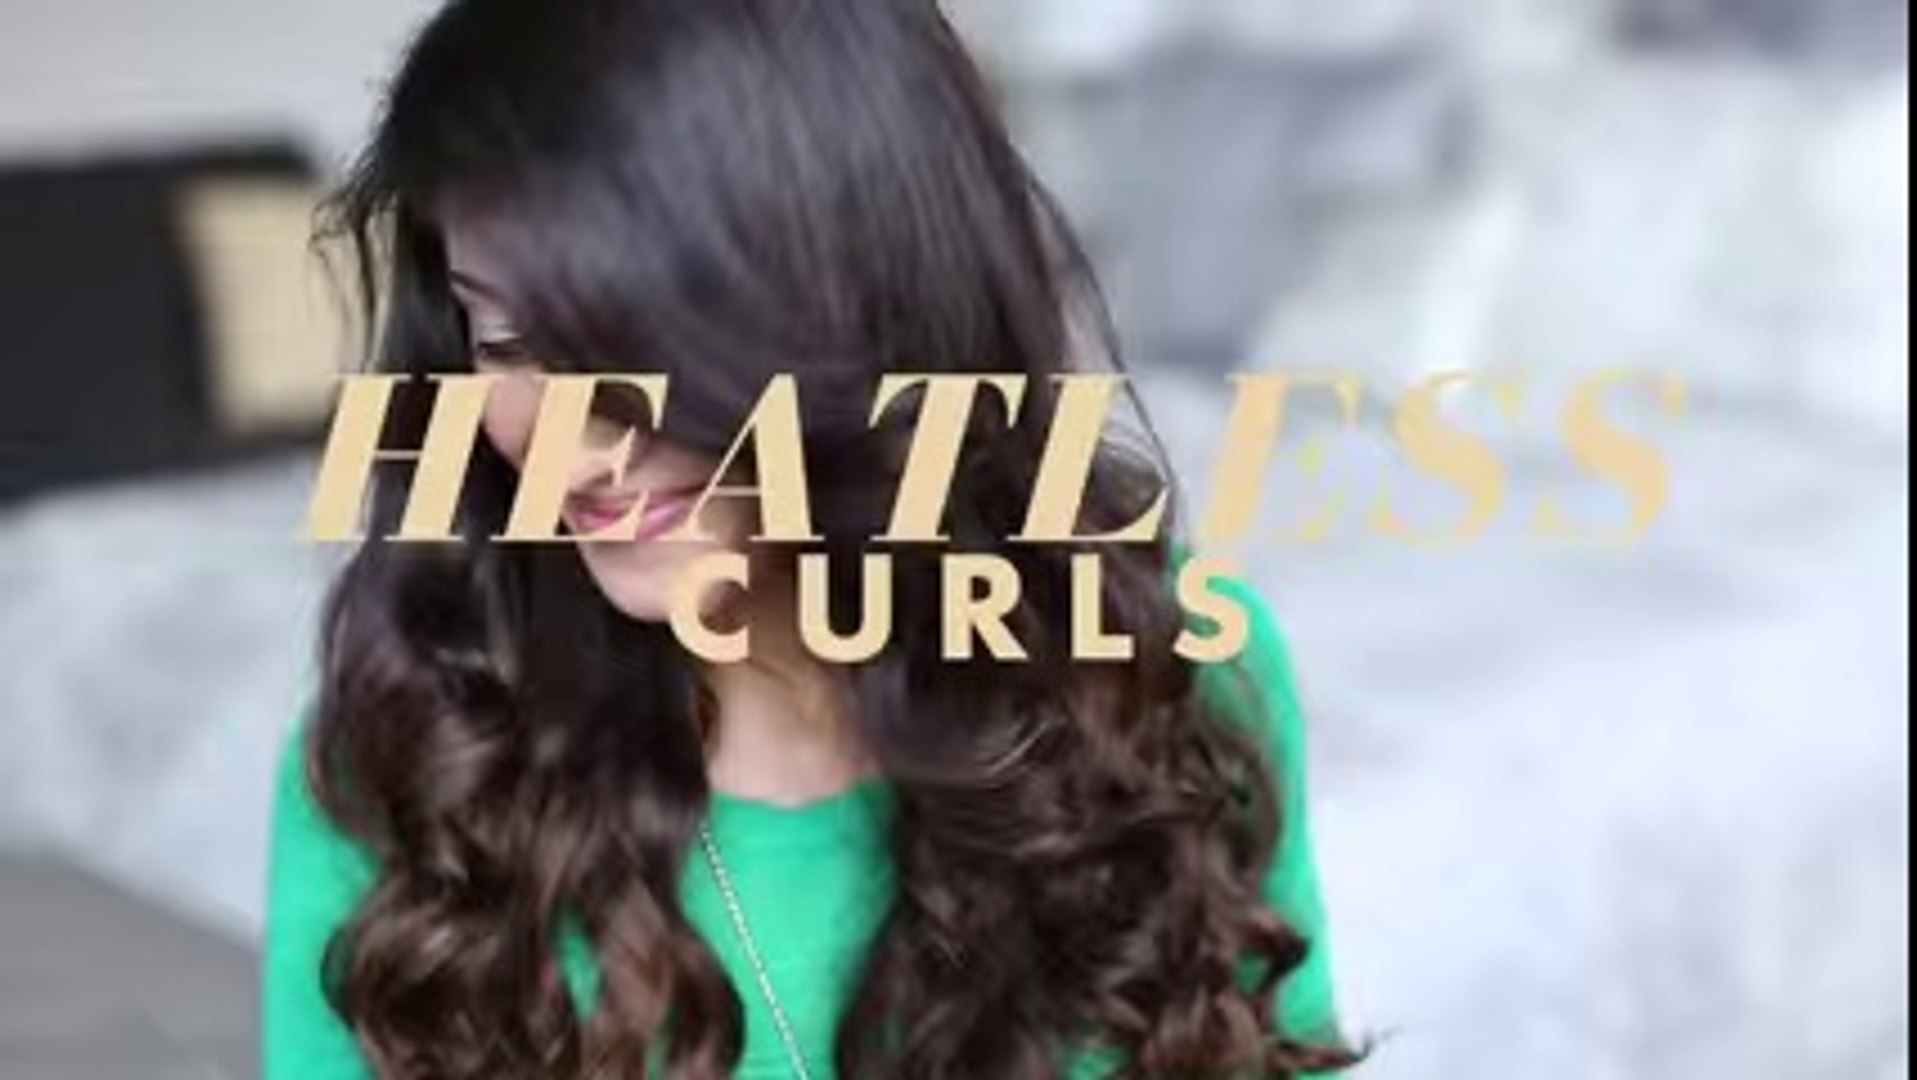 Heatless Curls Hair Tutorial2 - hair styles